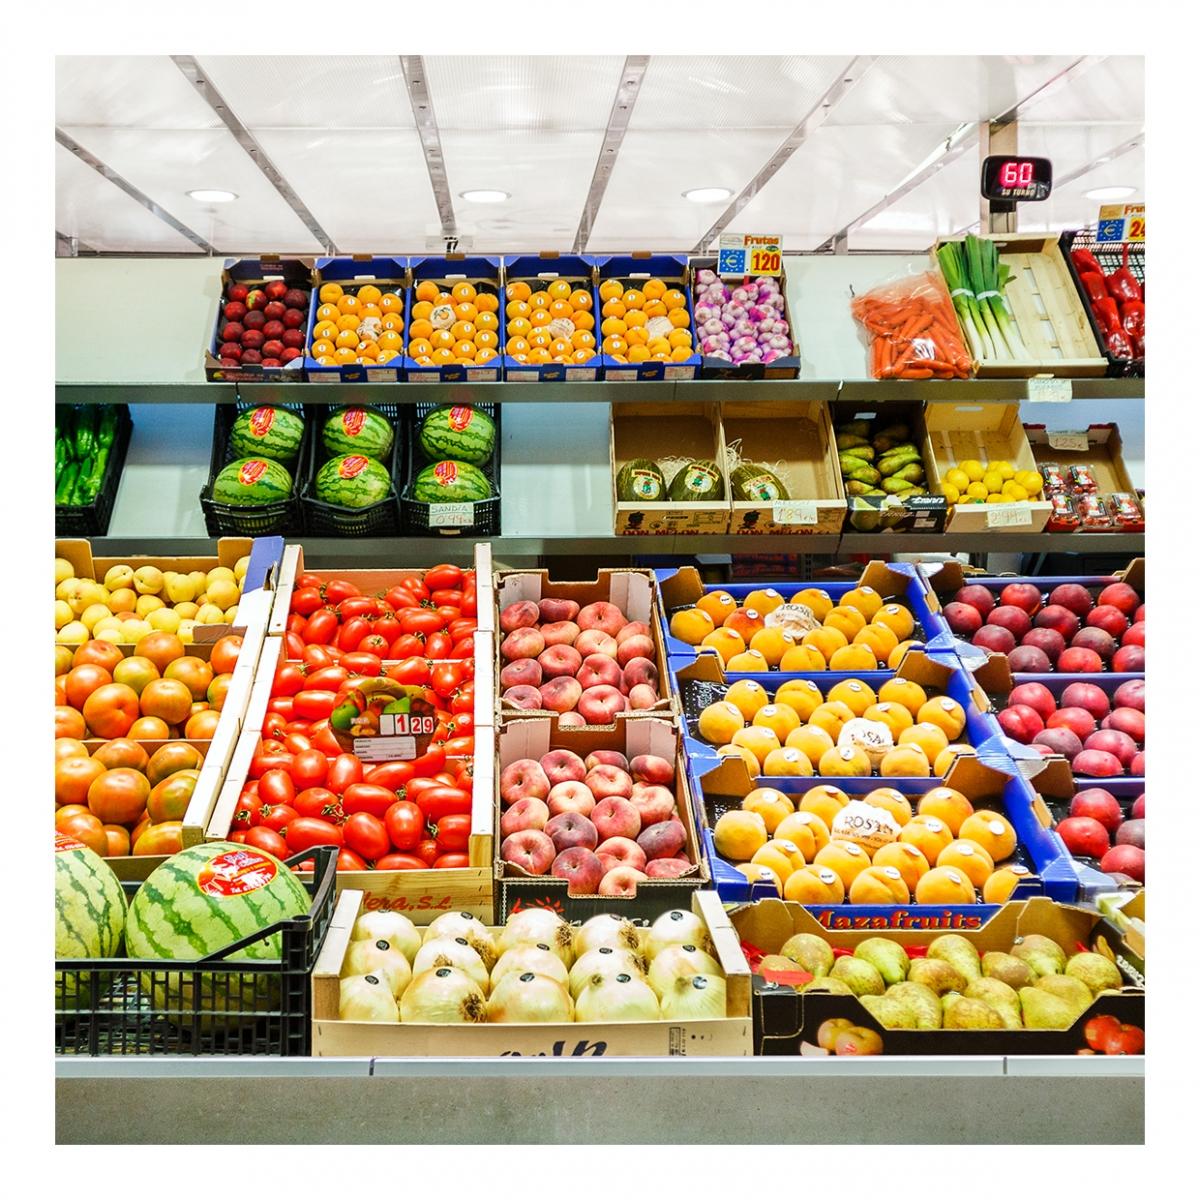 Imagen en la que se ve un puesto de frutería